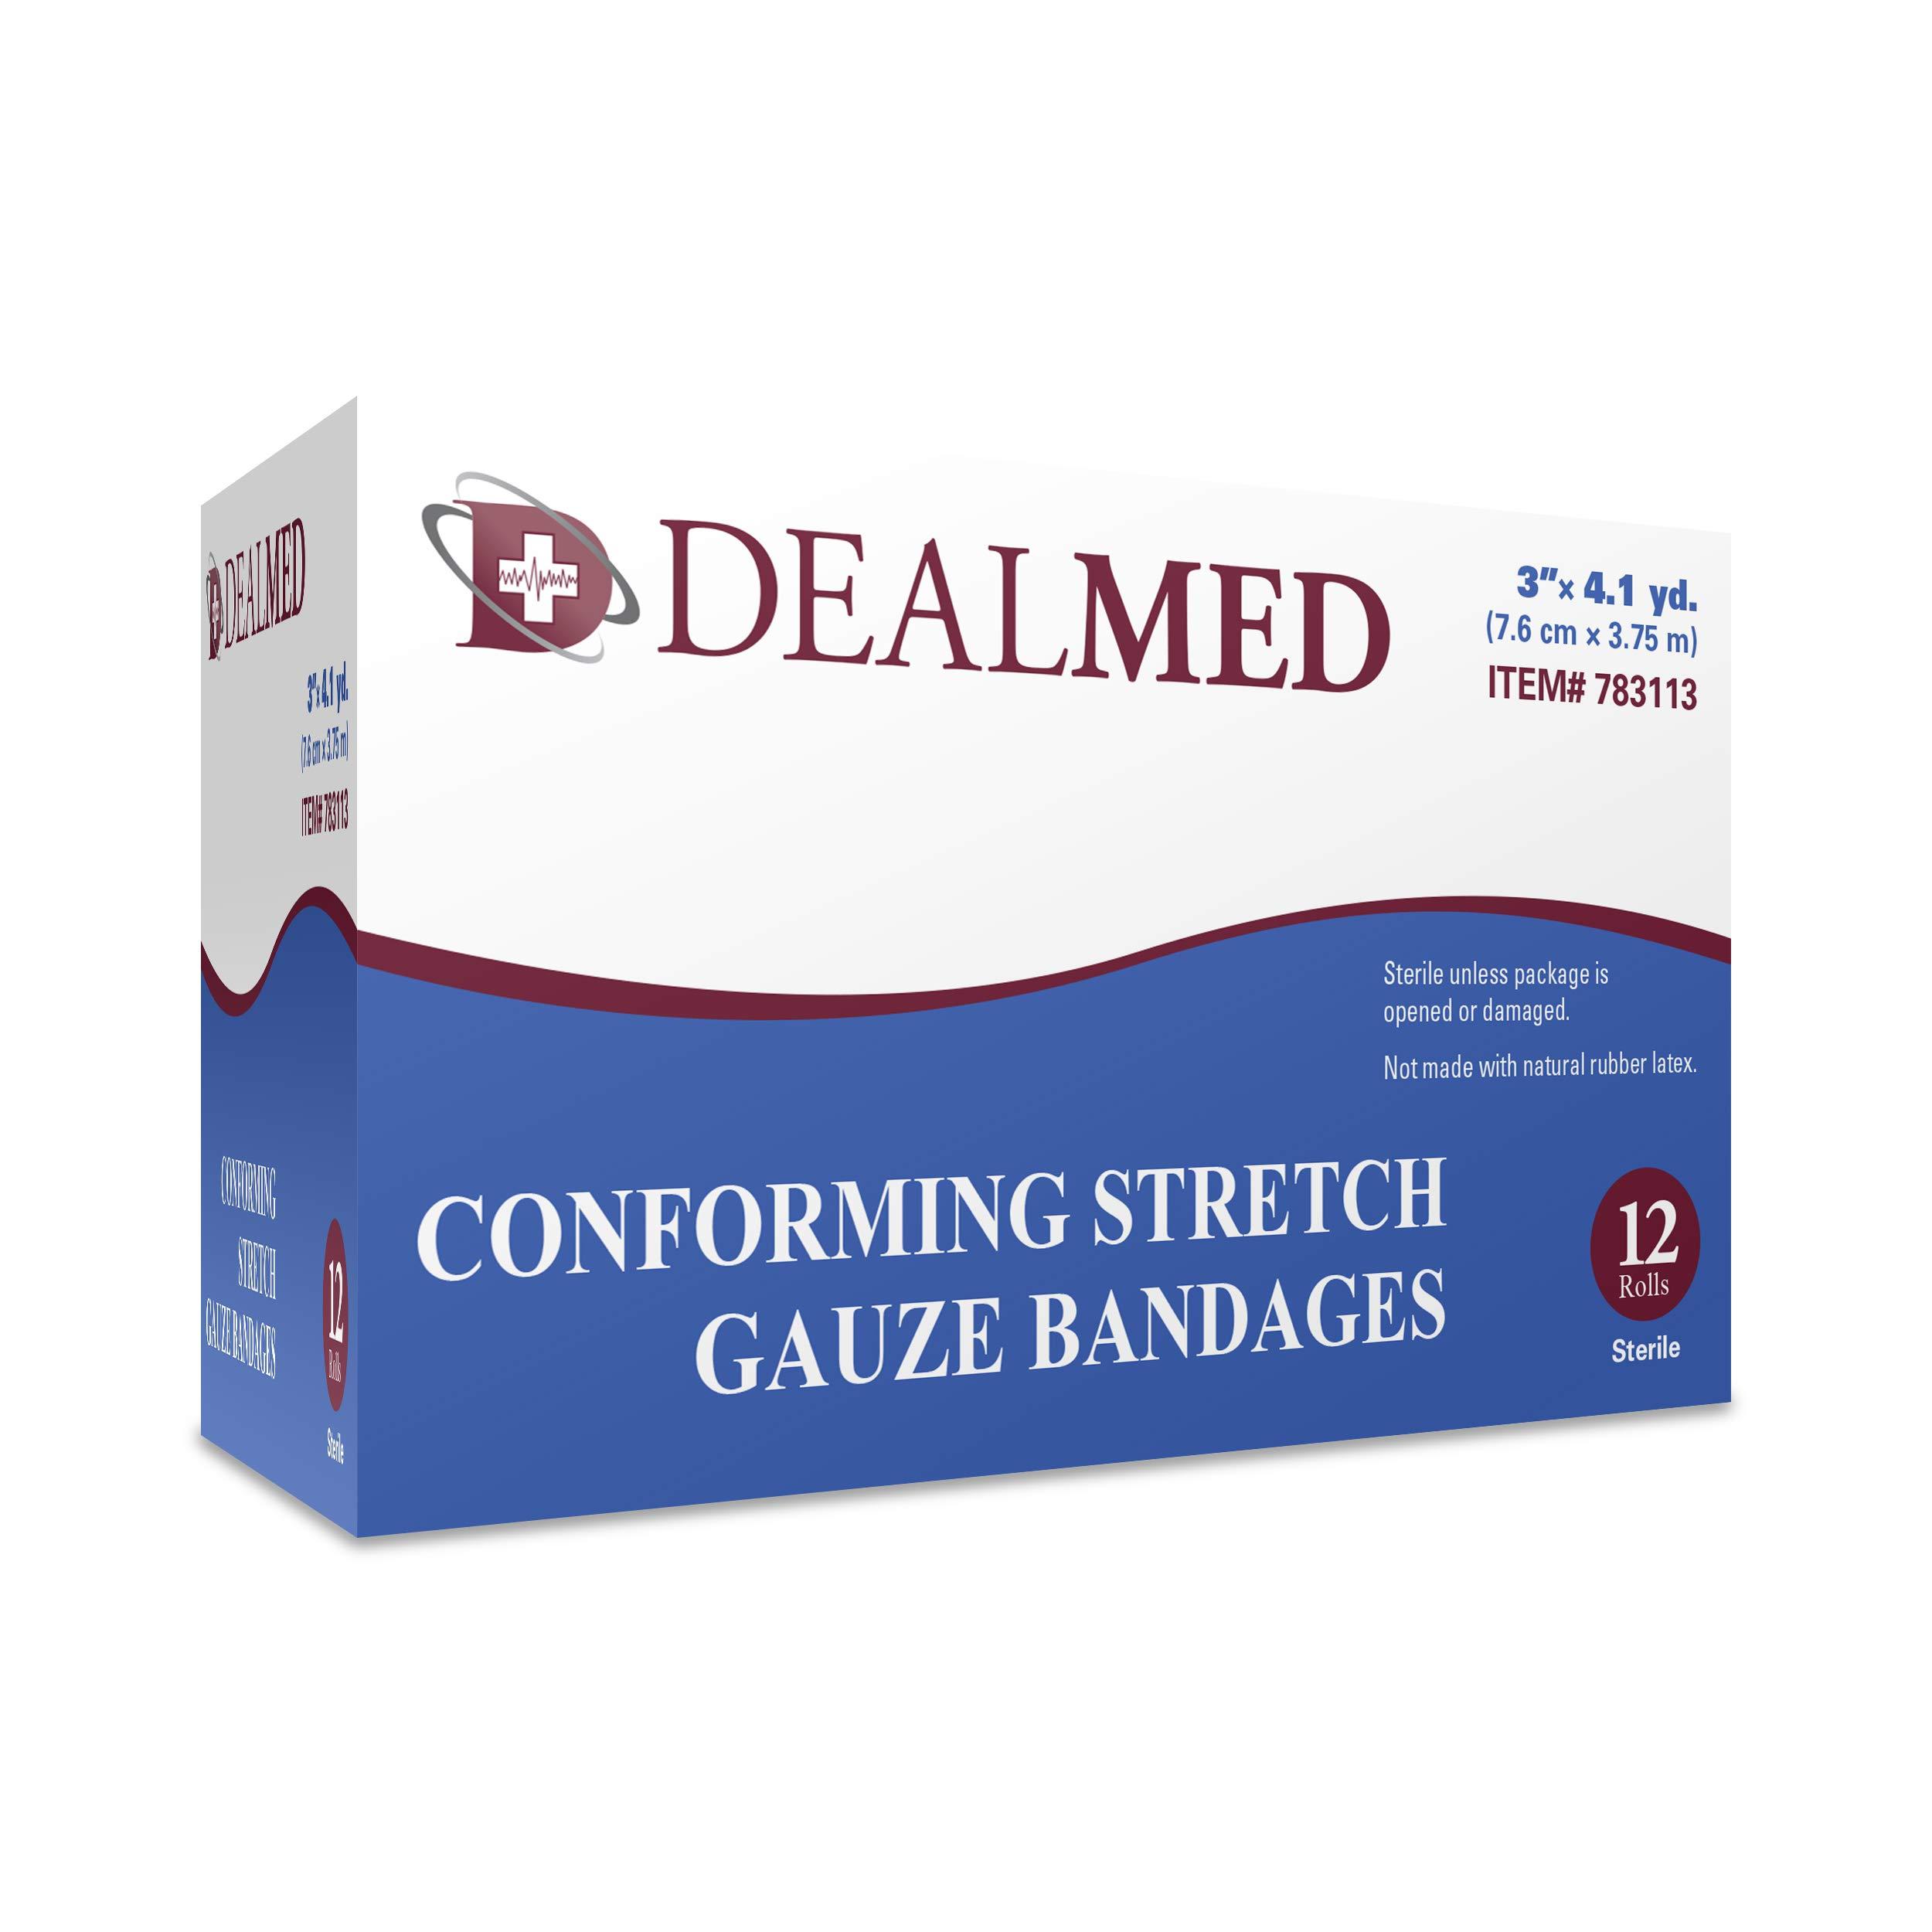 Dealmed 3'' Sterile Conforming Stretch Gauze Bandages, 4.1 Yards Stretched, 12 Rolls